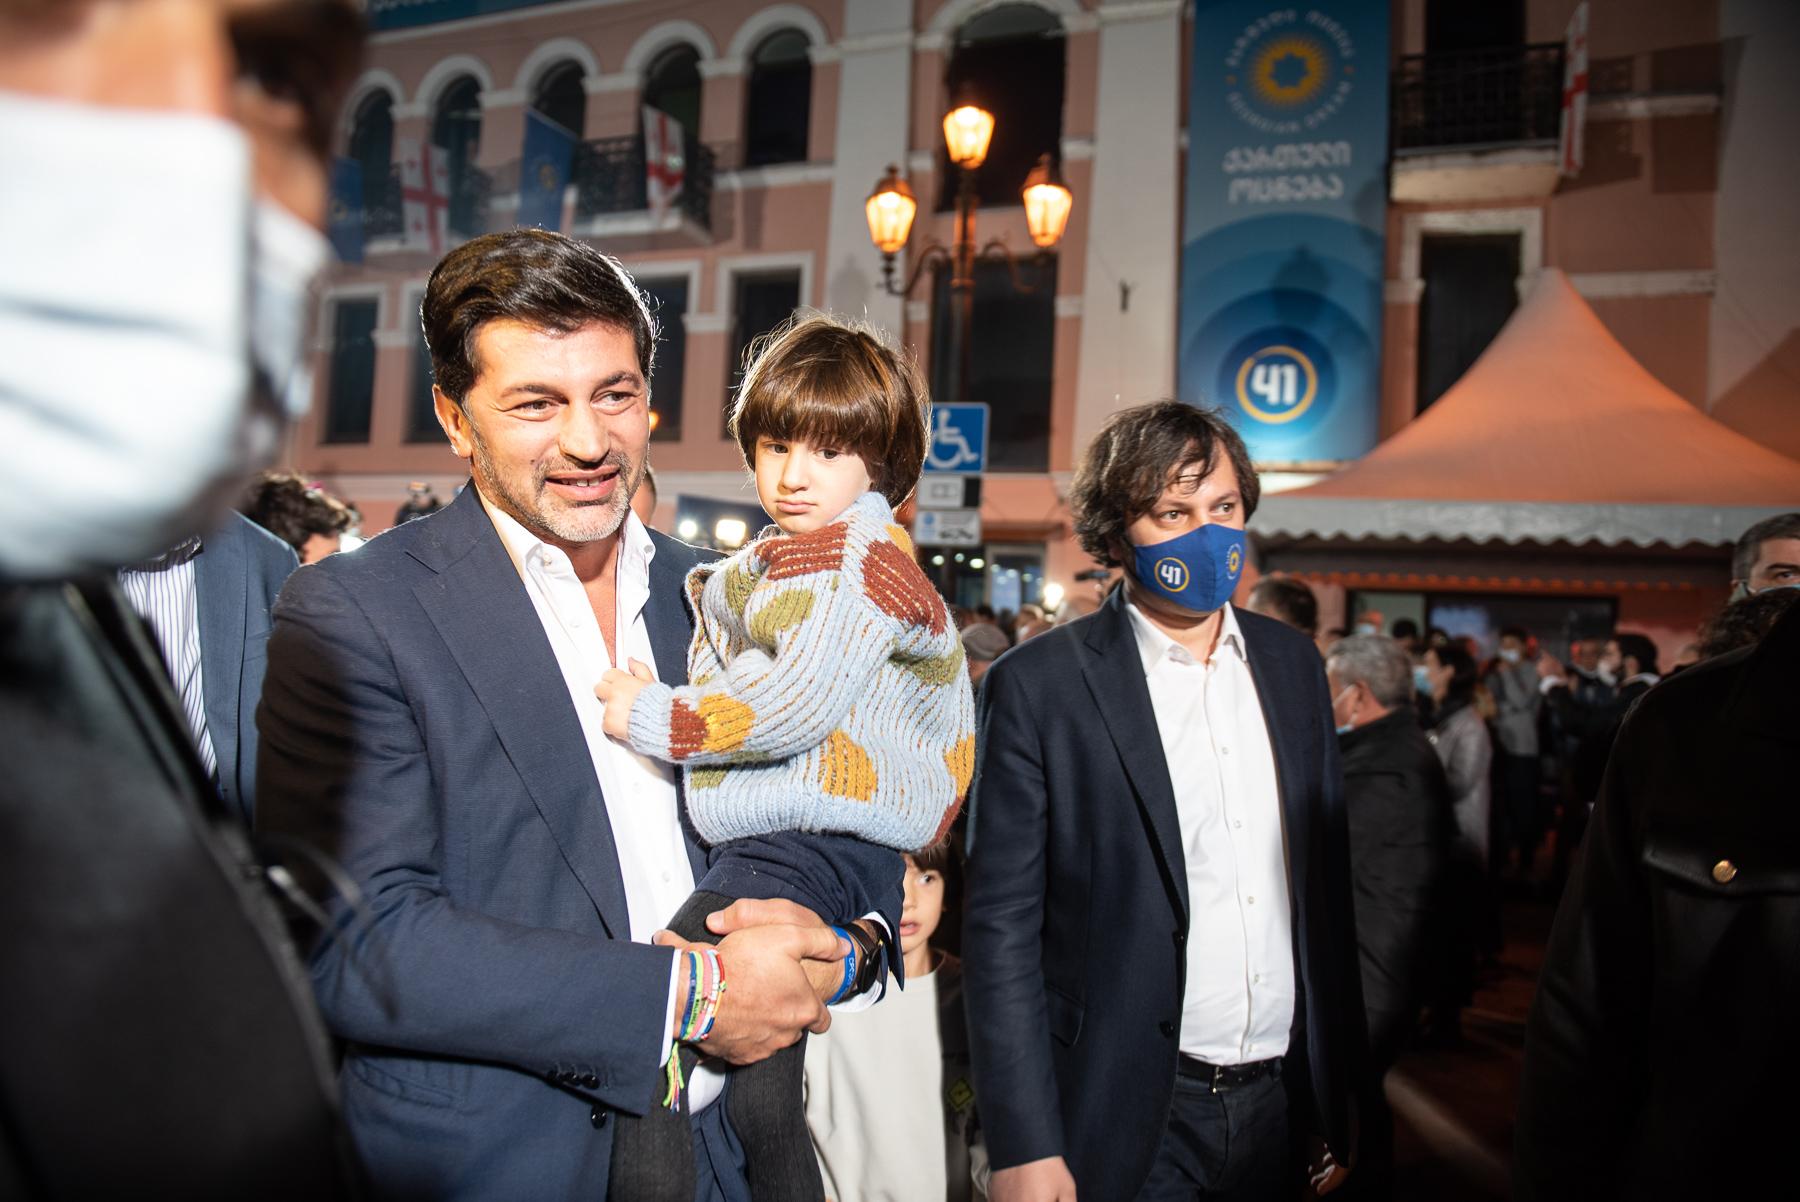 Kakha Kaladze with his son (left) and Irakli Kobakhidze (right). Photo: Mariam Nikuradze/OC Media/